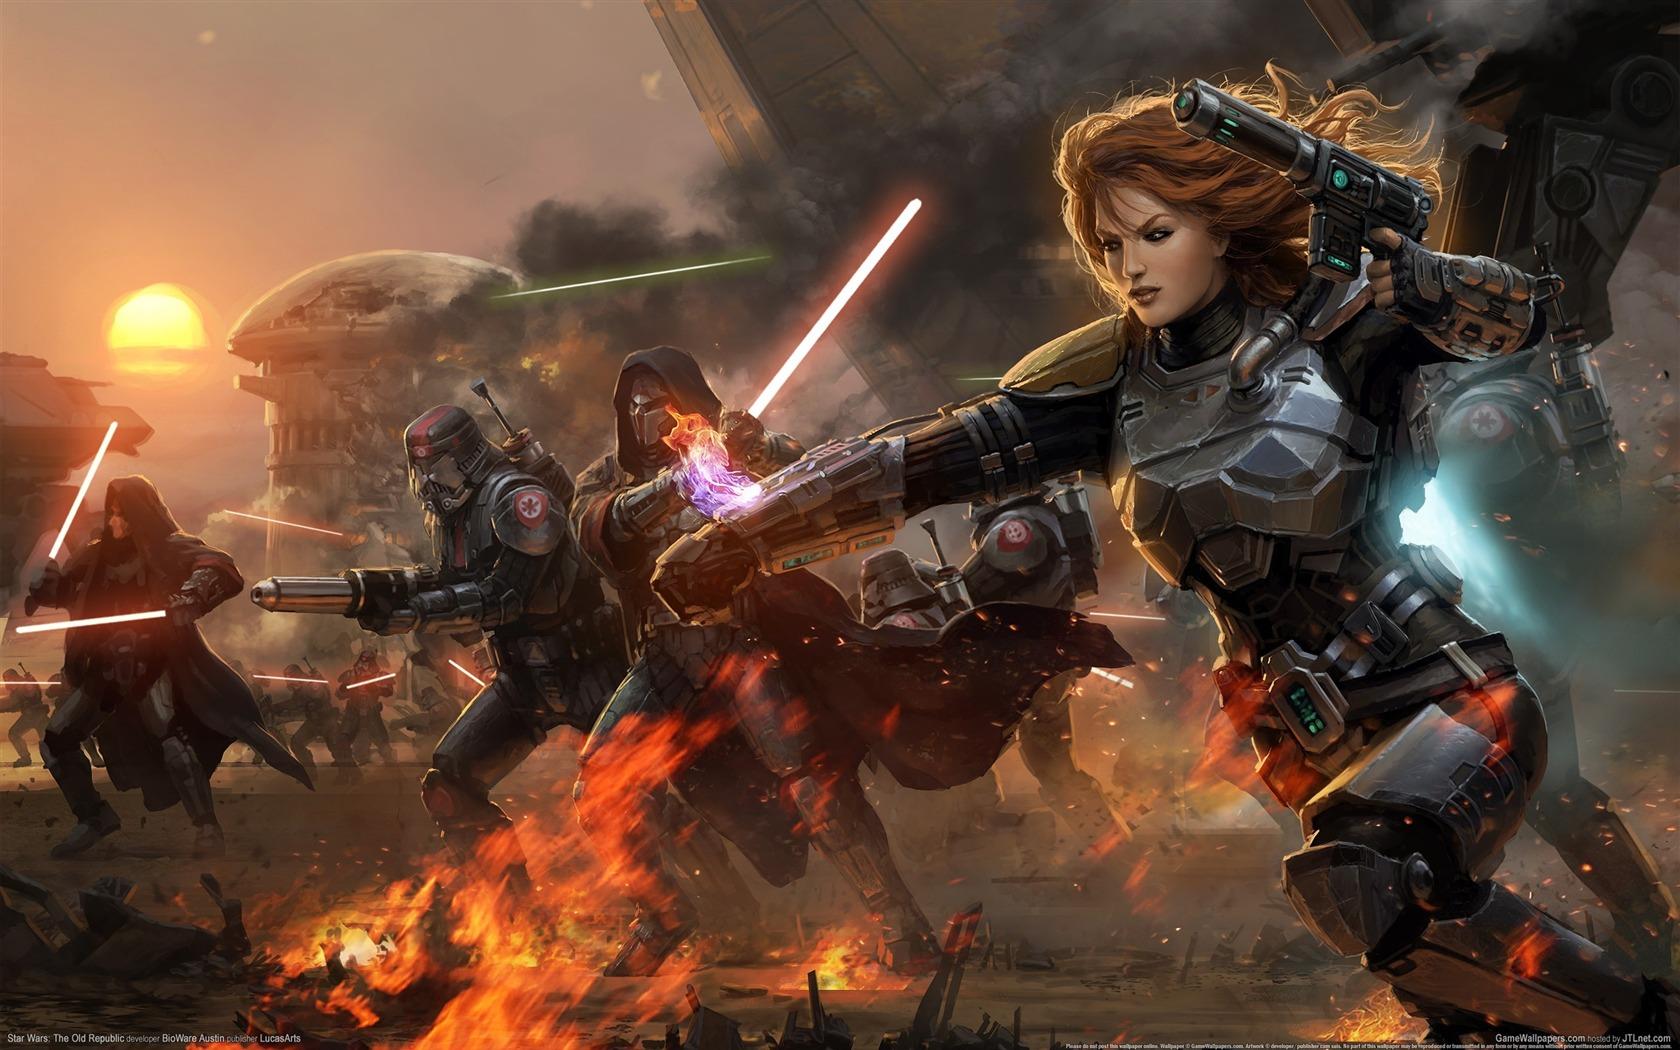 Mass Effect 2 Game Hd Wallpaper 15 Preview 10wallpaper Com